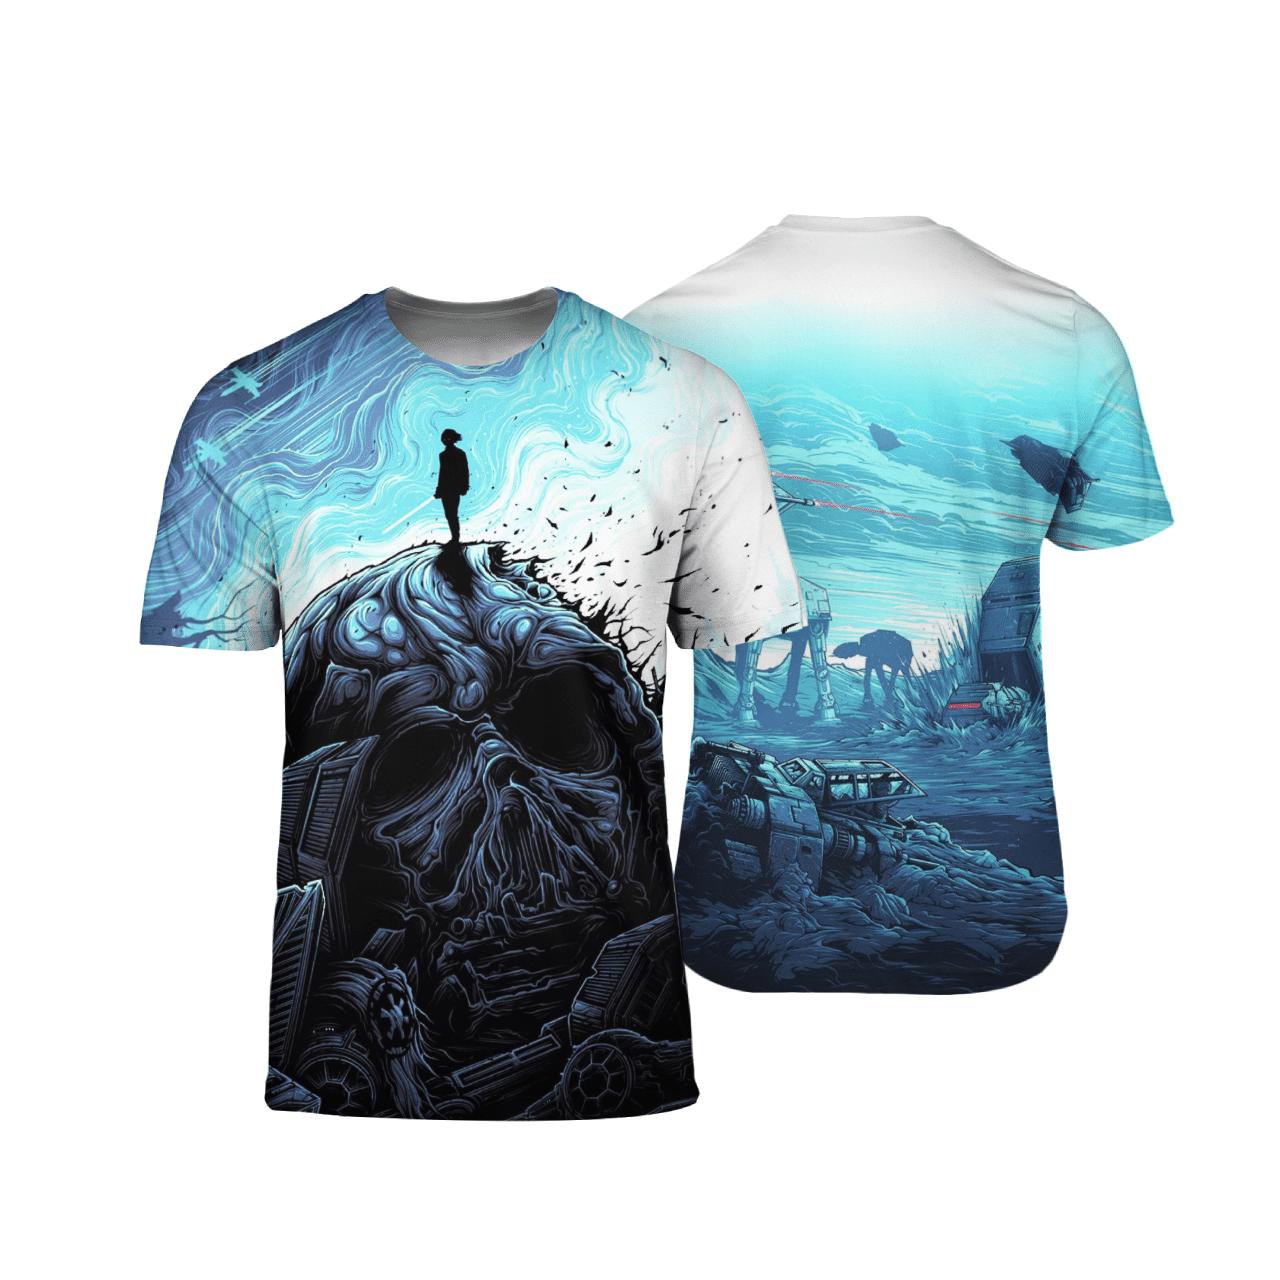 Star Wars The Last Jedi 3D Shirt